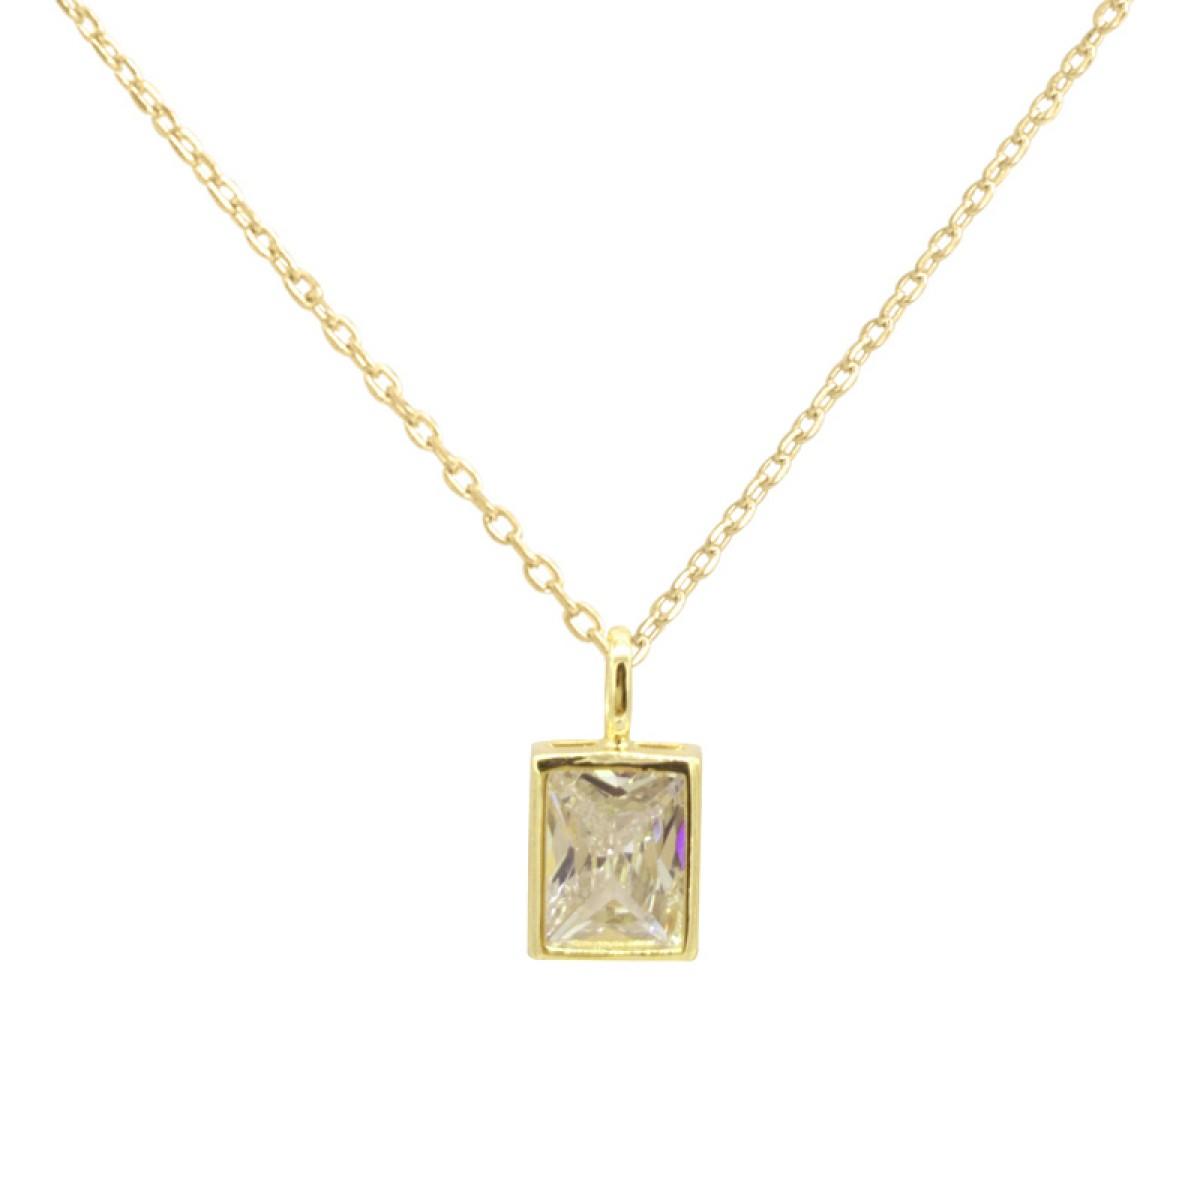 Anoa Kette Tilla 925 Sterling Silber